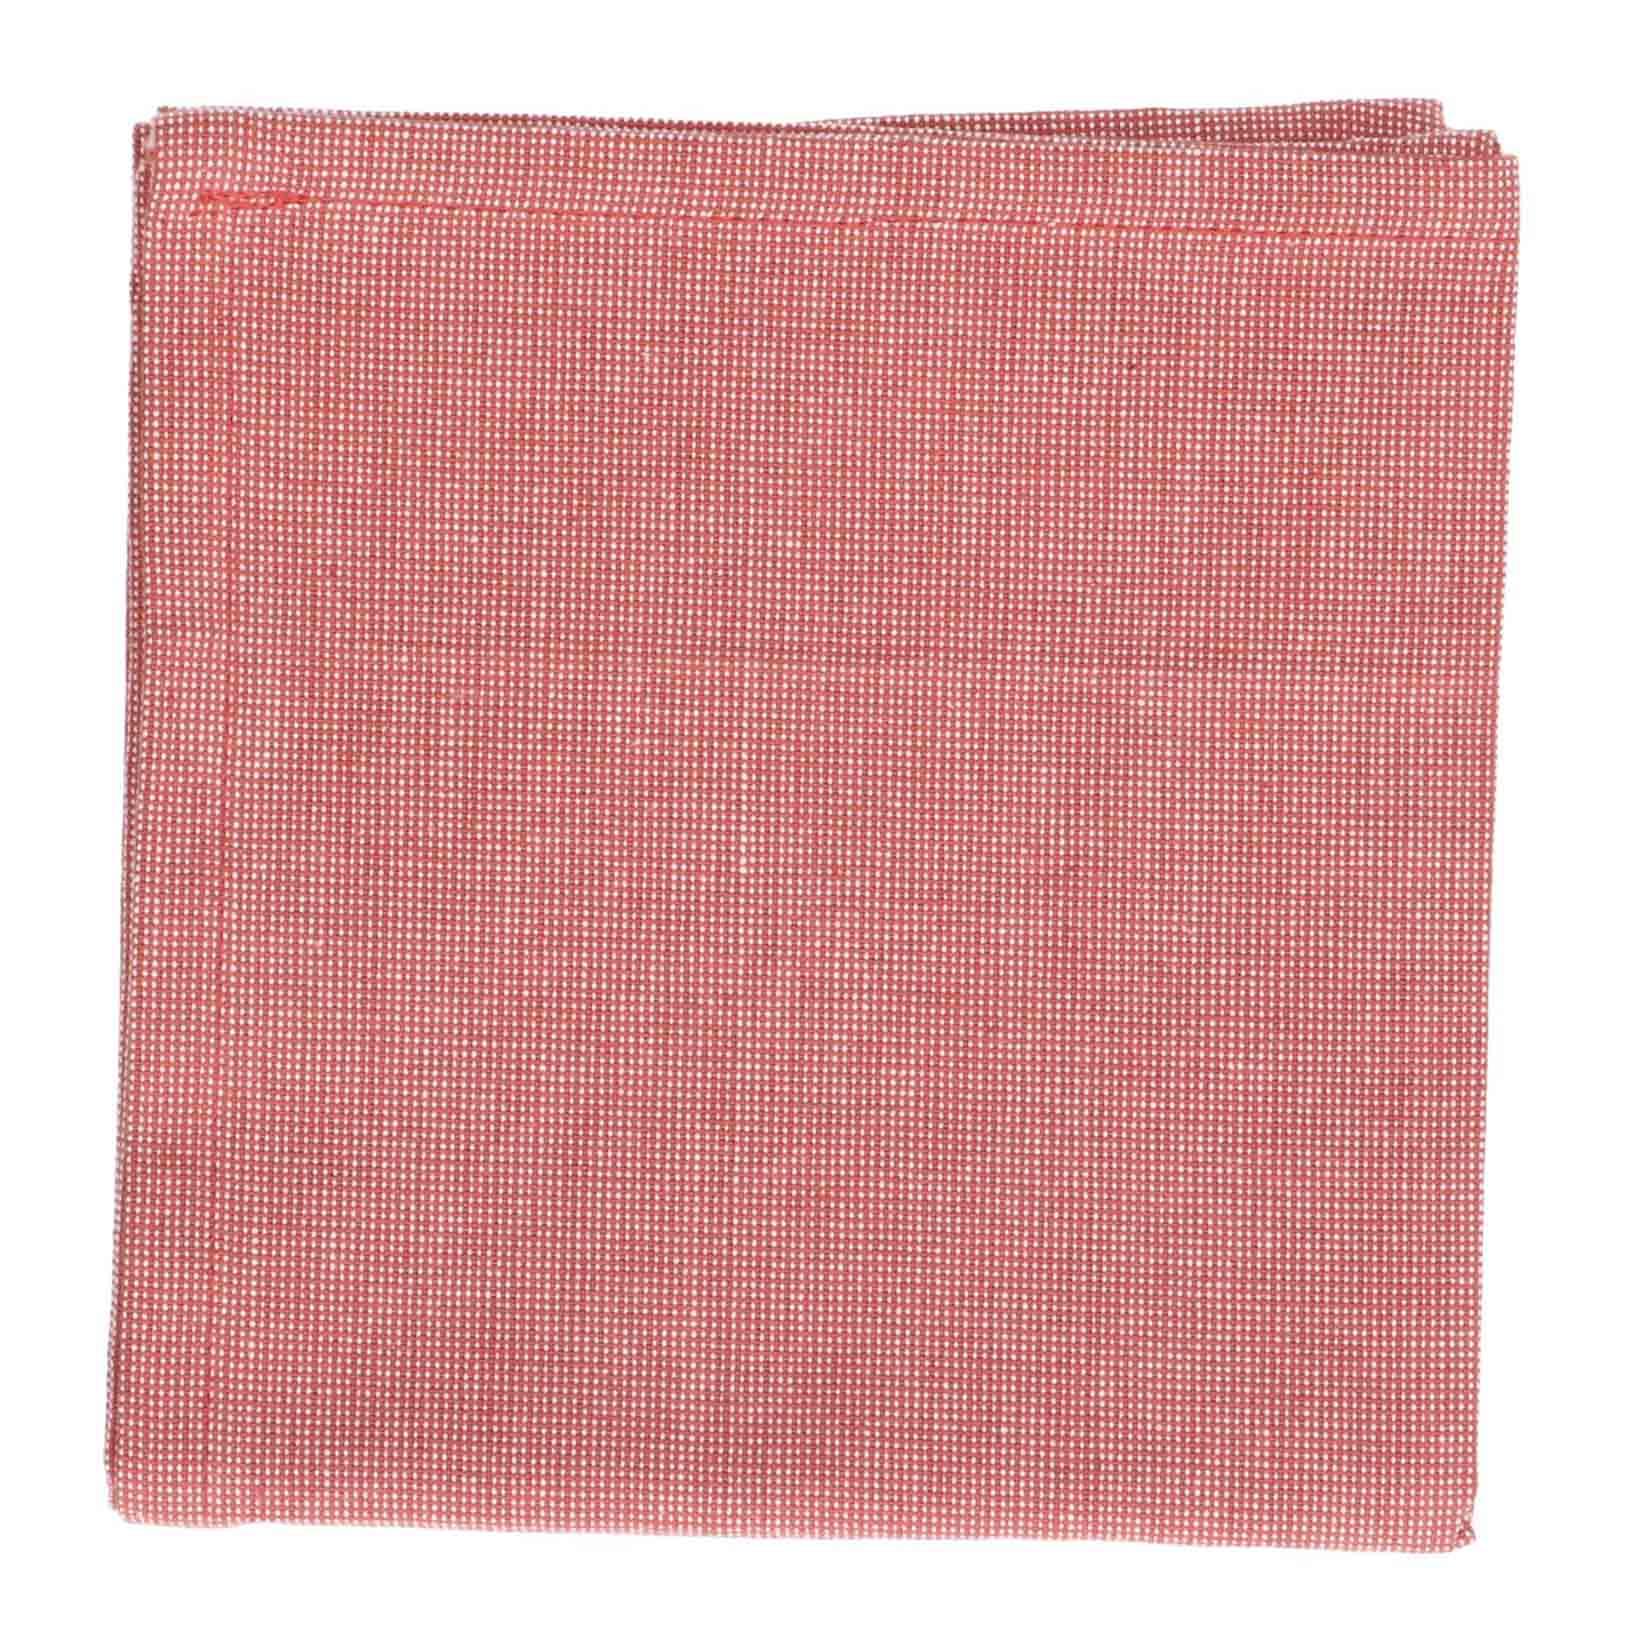 Dille&Kamille Torchon, coton bio, rose foncé chiné, 50 x 70 cm